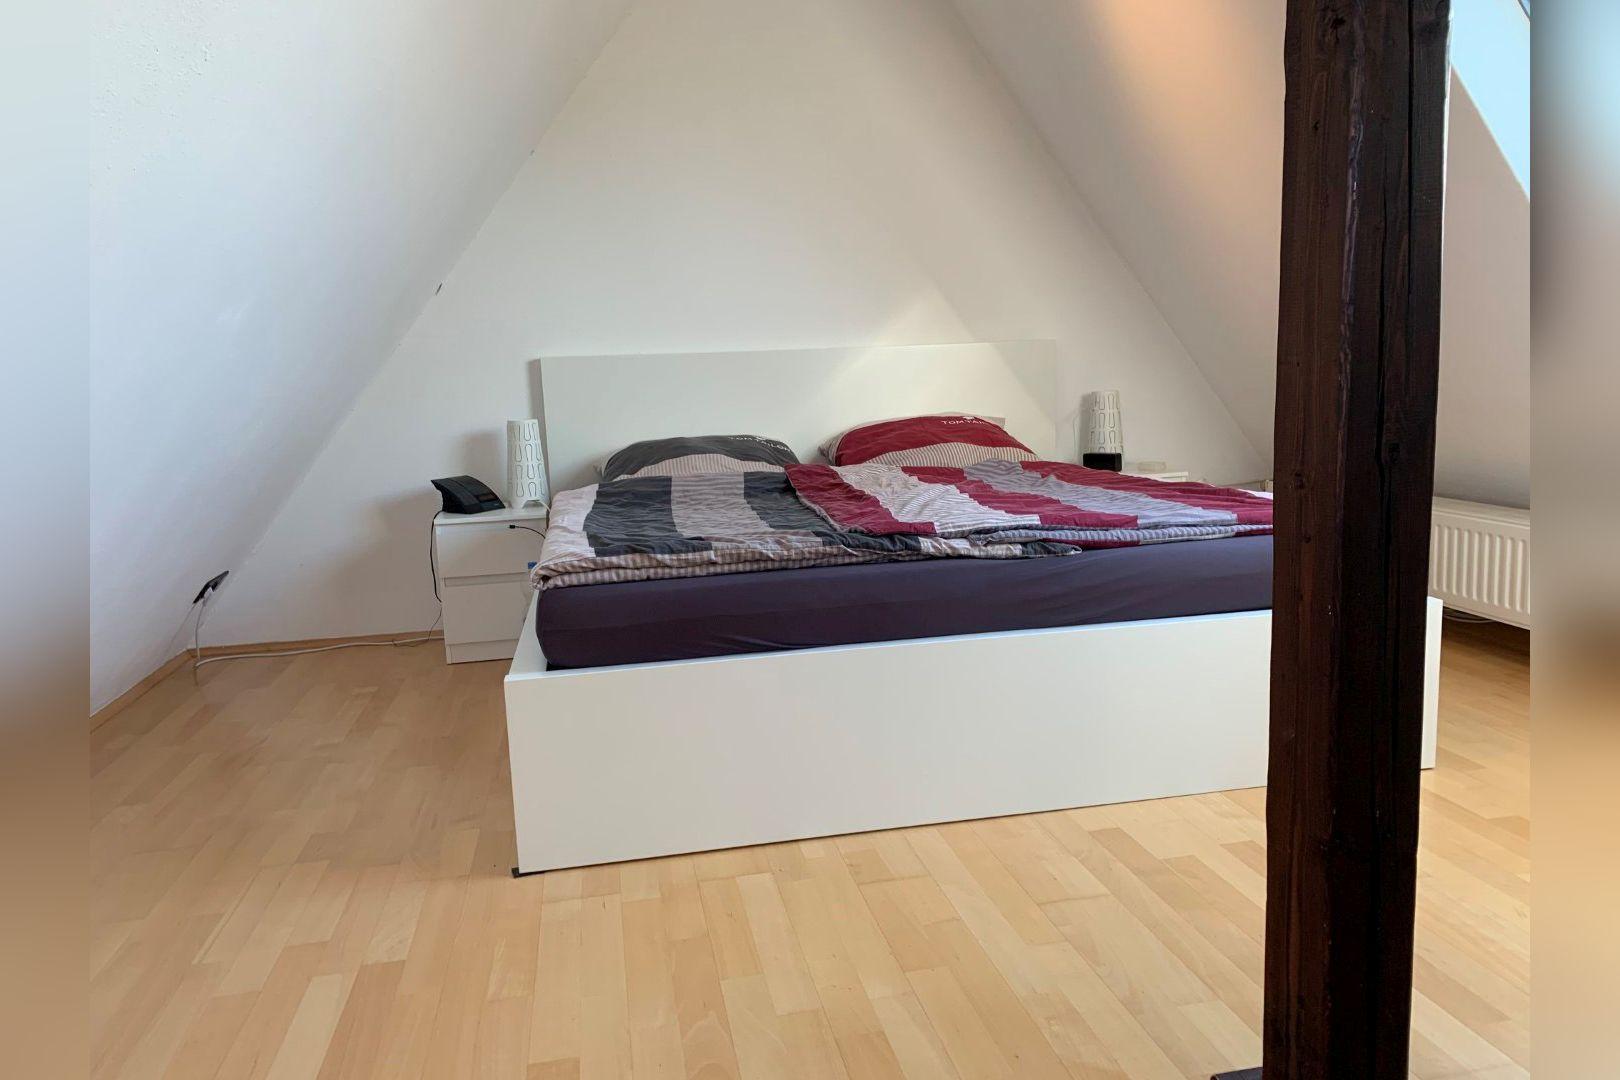 Immobilie Nr.0251 - Maisonette-Wohnung mit Galerie und großer Dachterrasse  - Bild 4.jpg